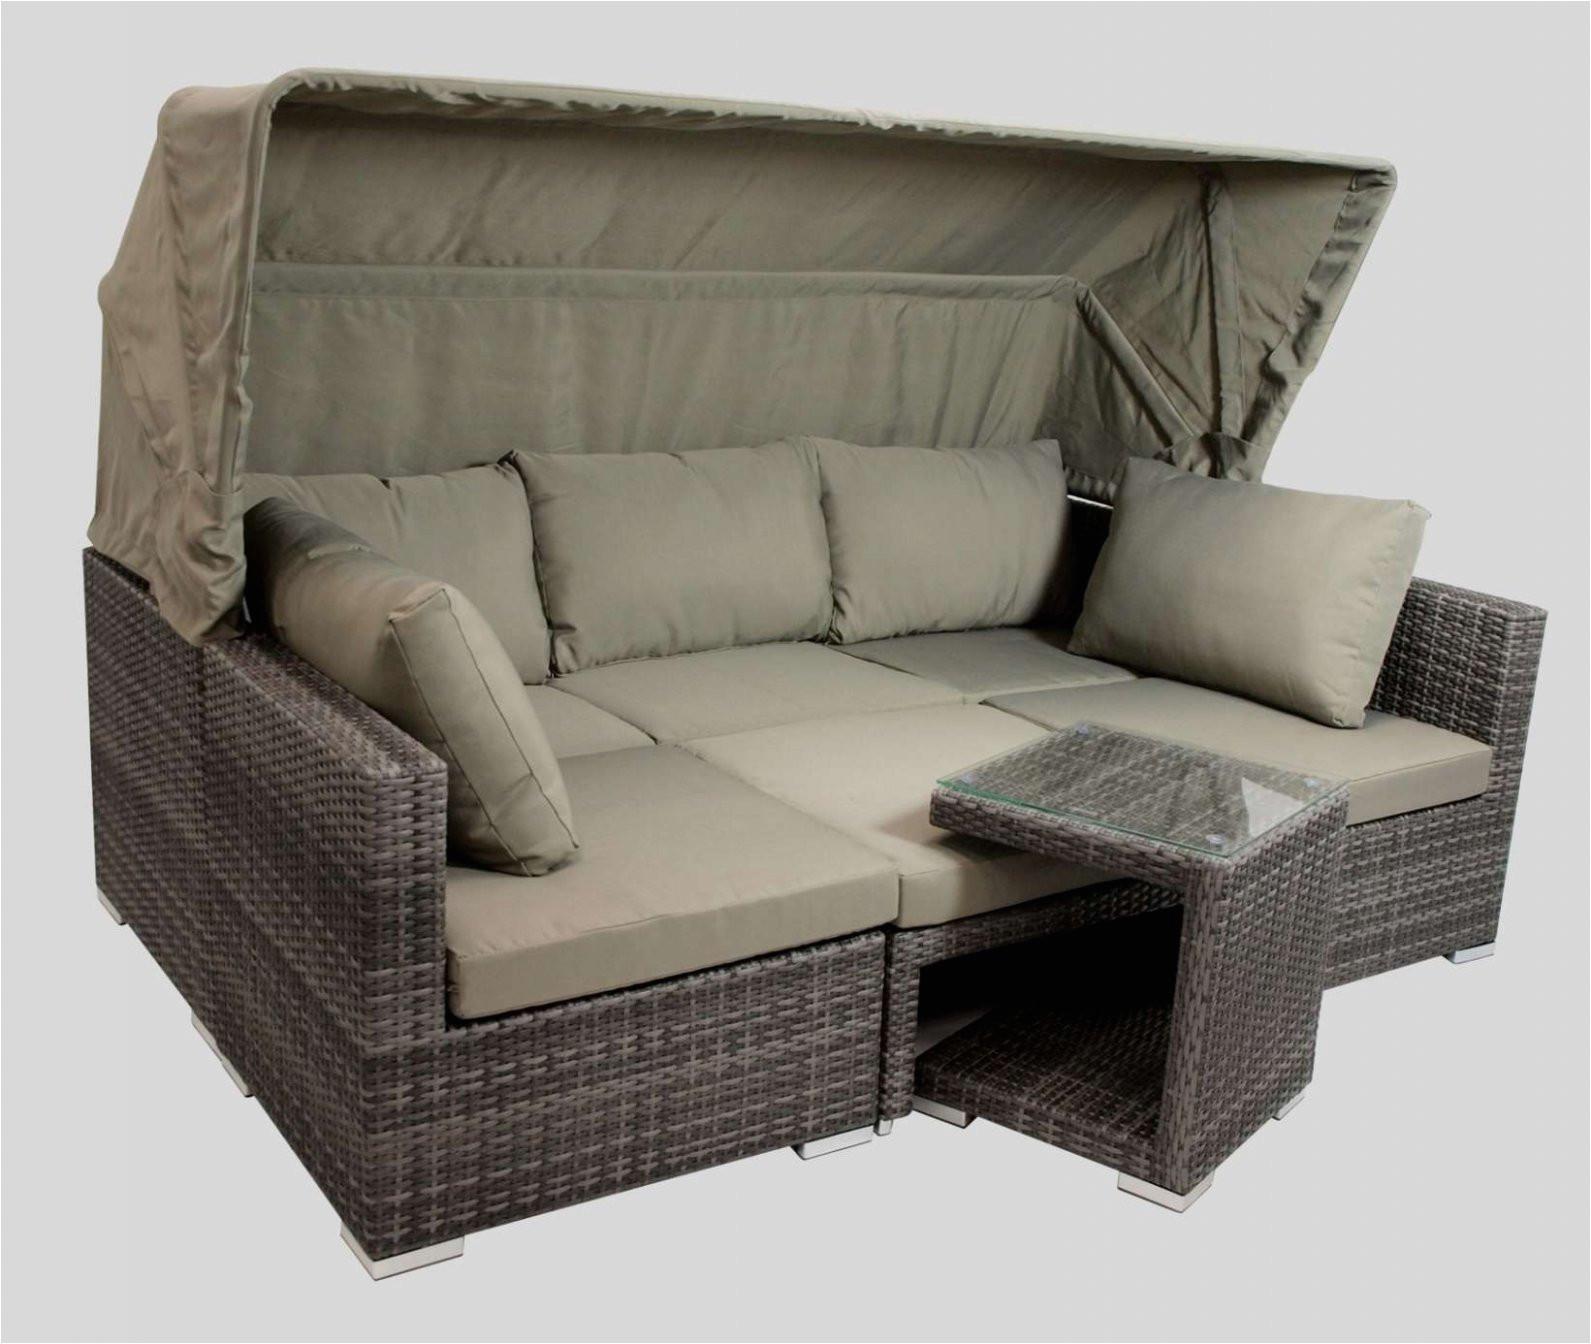 rattan schlafsofa einzigartig wohnlandschaft sofa rattan sofa set luxury rattan couch 0d archives bilder